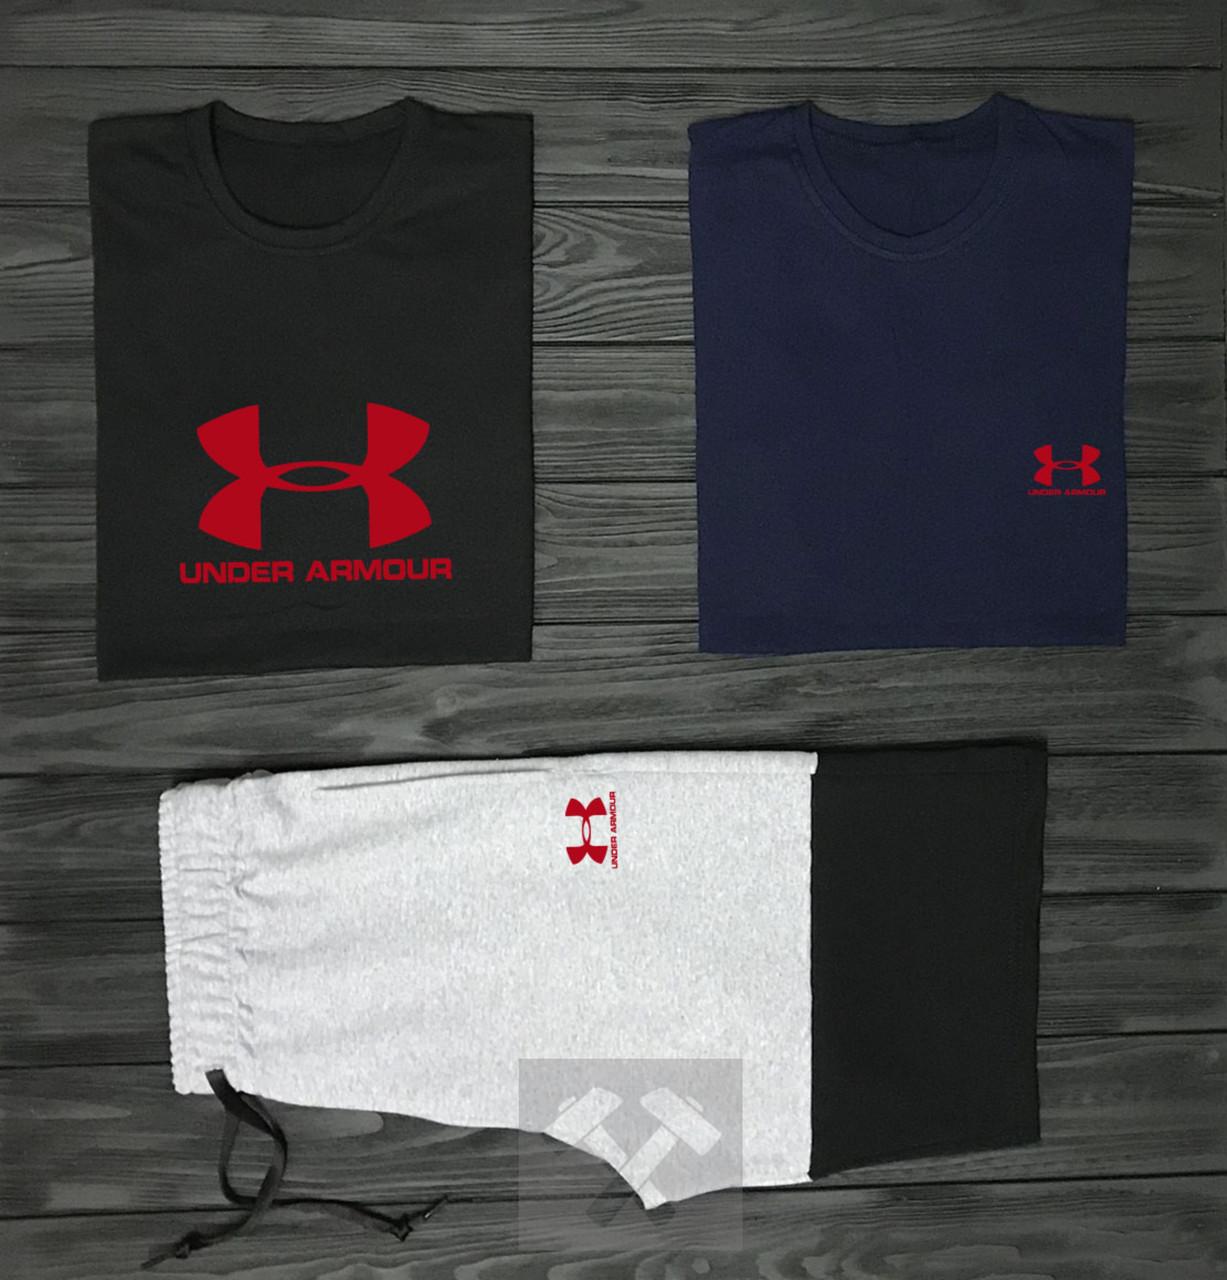 ac563b62f7ed Мужской комплект две футболки + шорты Under Armour черного, синего и серого  цвета (люкс